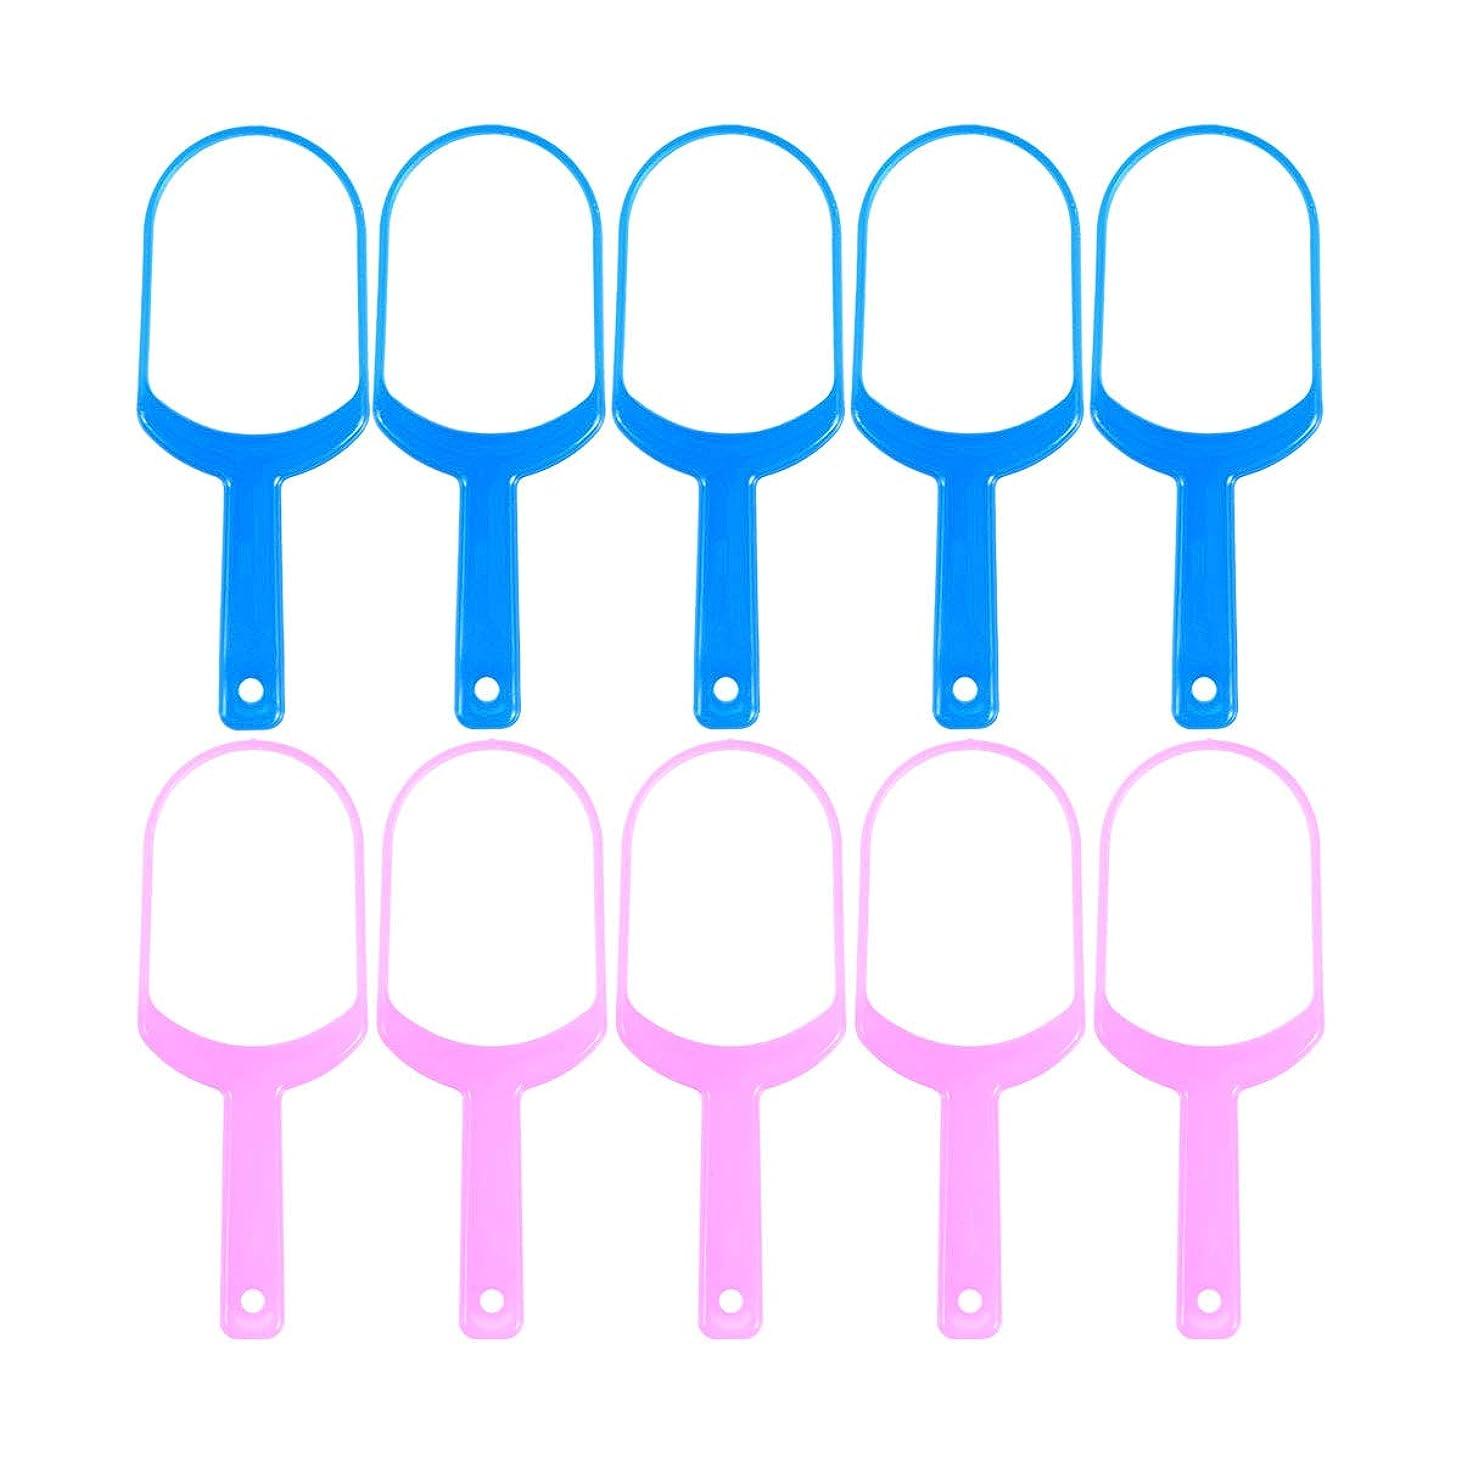 仕事次プロポーショナルHealifty 舌スクレーパークリーナー舌クリーナーリムーバー10個(5 *ピンク+ 5 *ブルー)